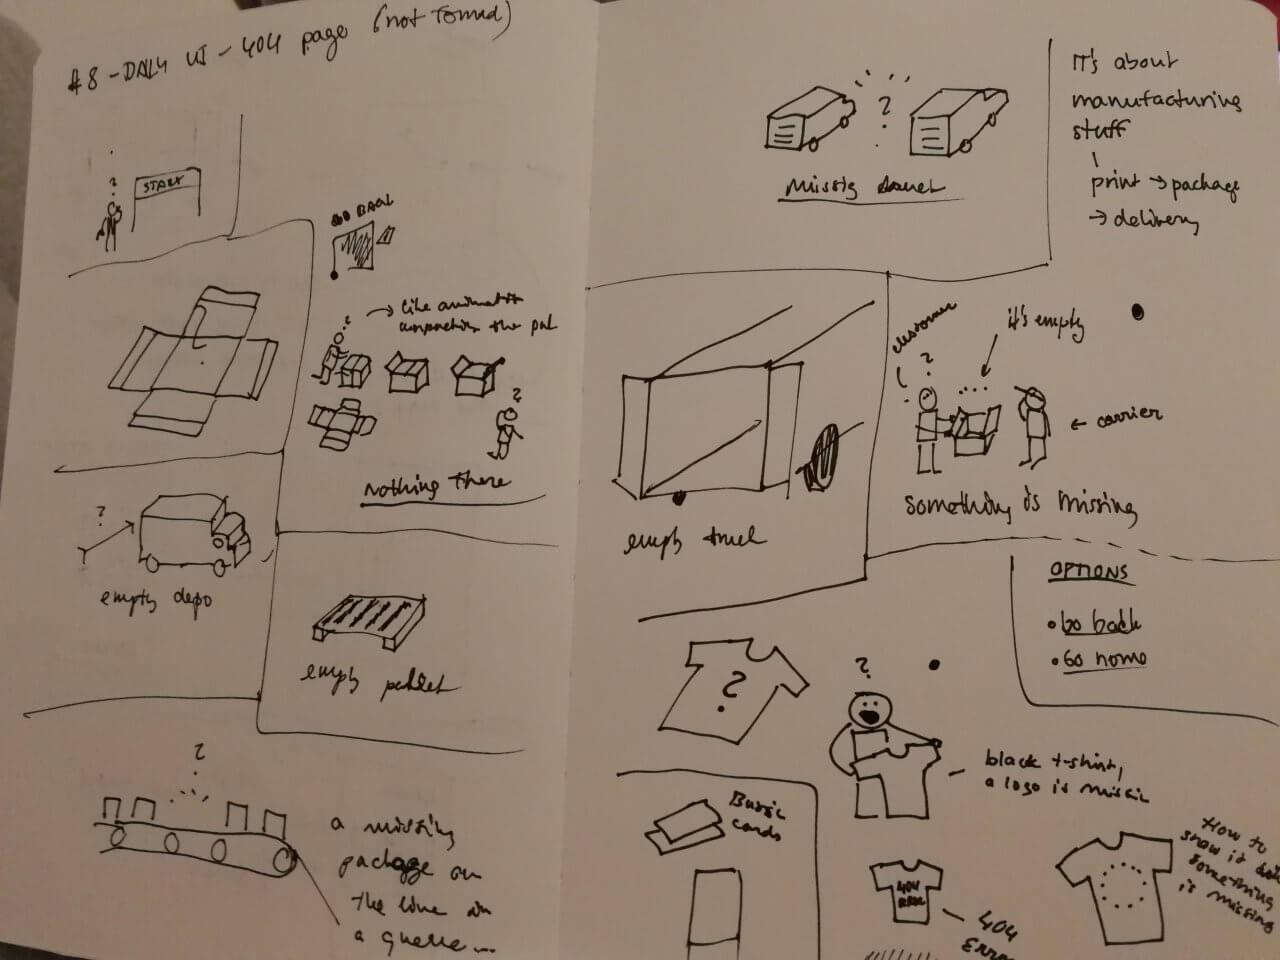 Různé nápady pro doplňující ilustraci, která by mohla být součástí stránky.